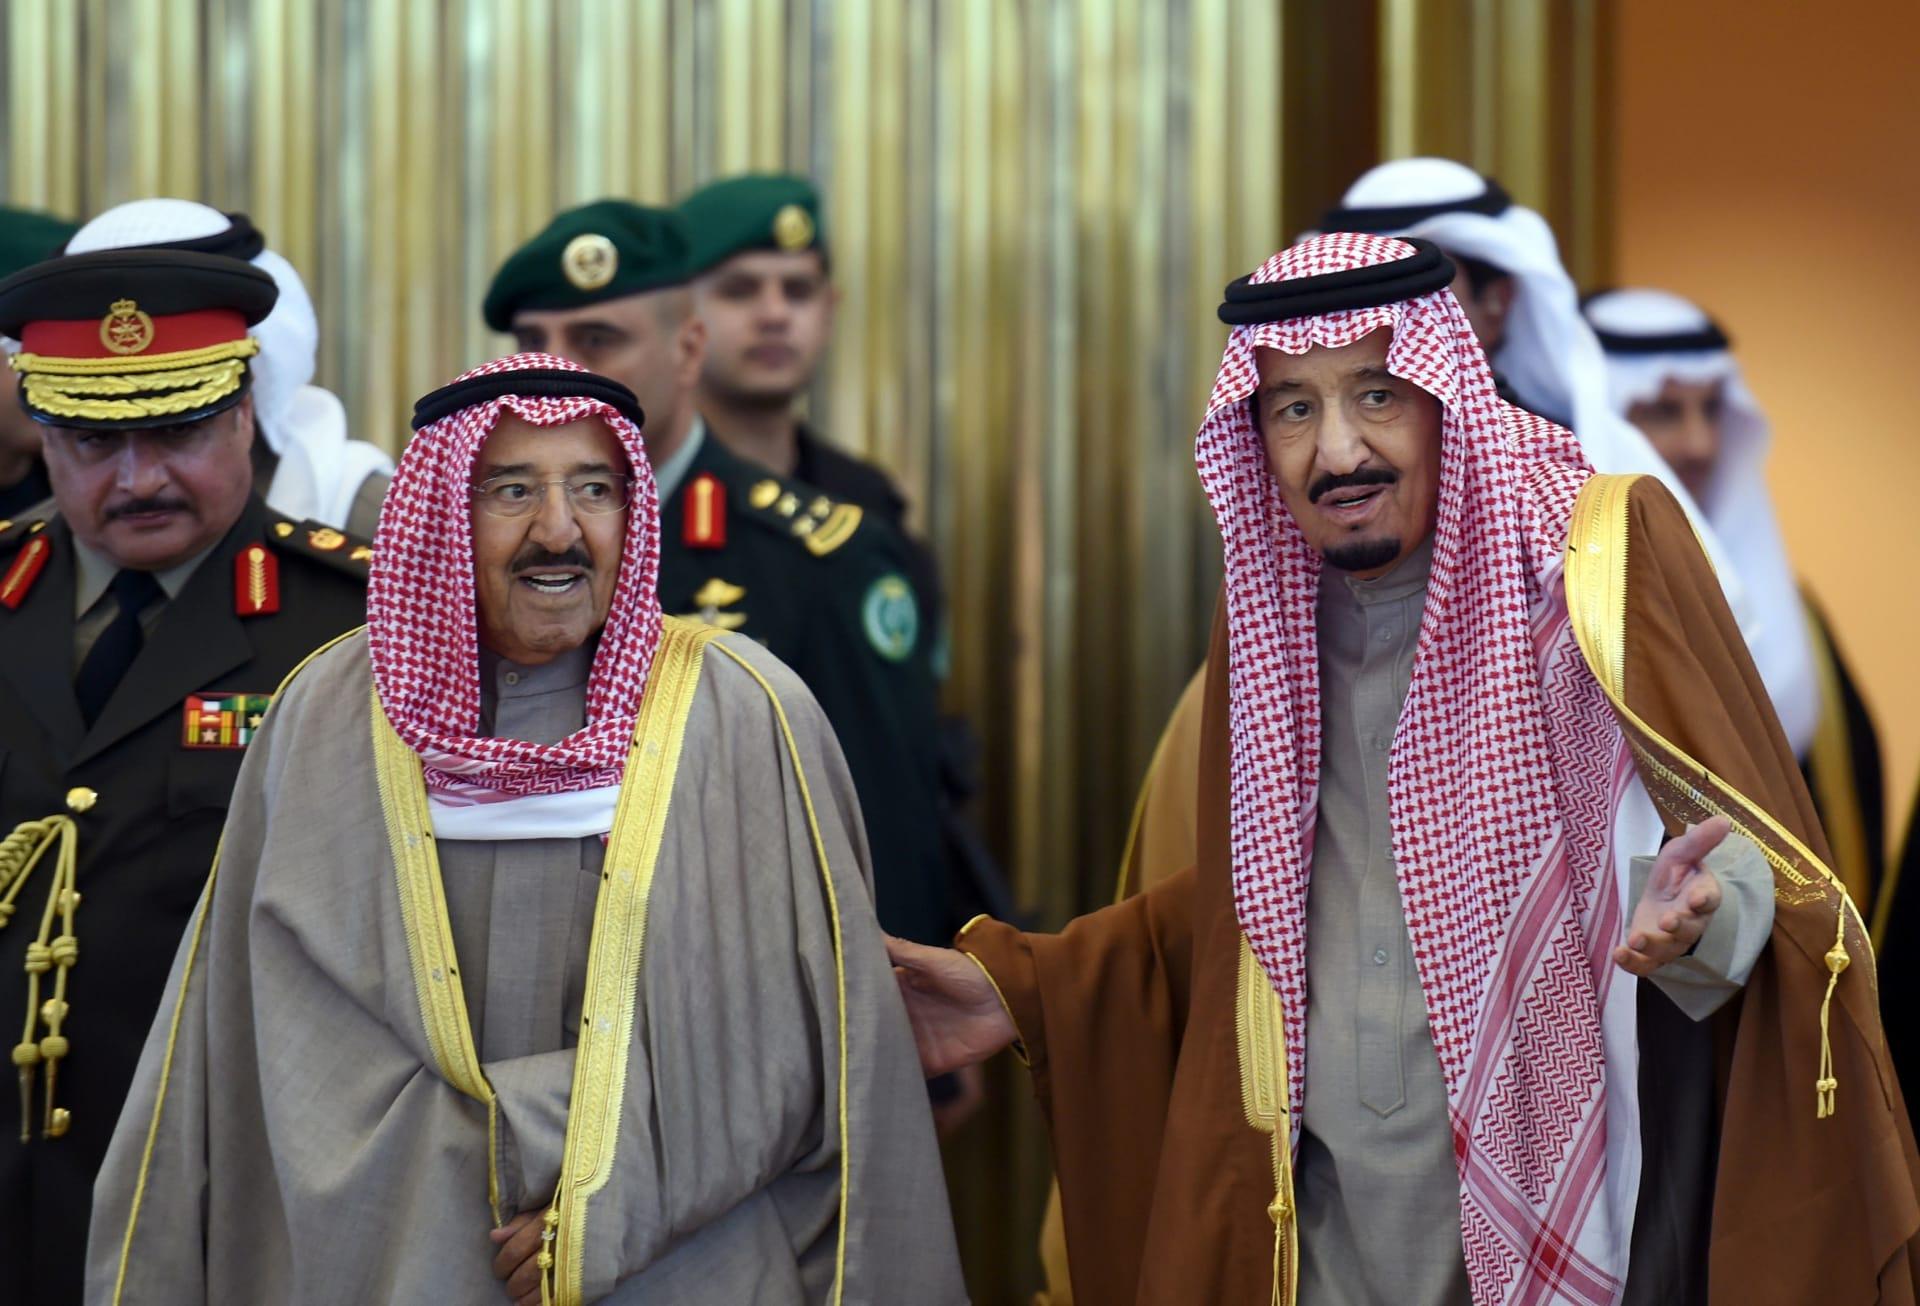 صورة أرشيفية للعاهل السعودي يستقبل أمير الكويت في الرياض